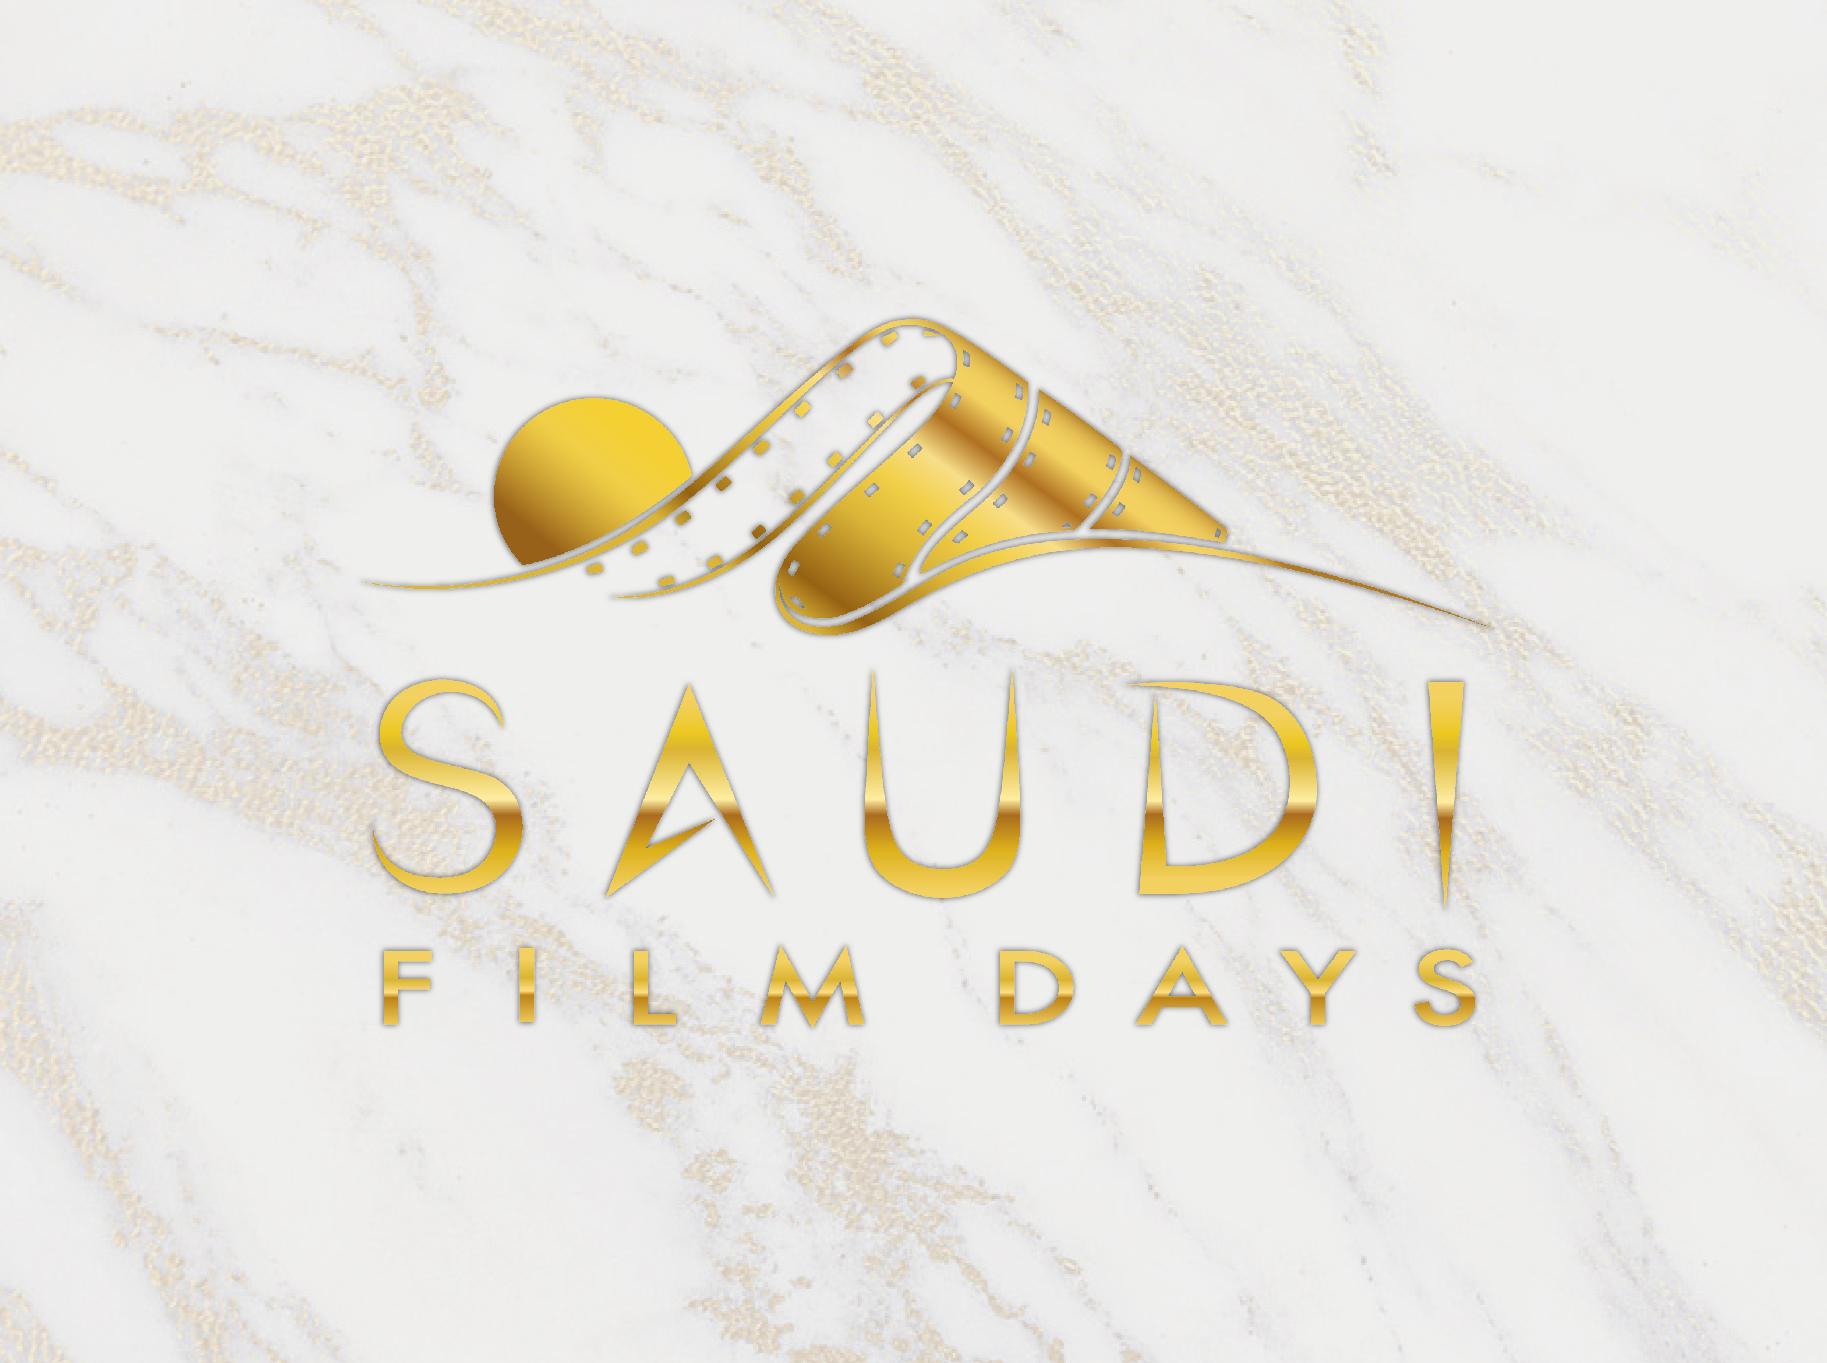 SAUDI FILM DAYS